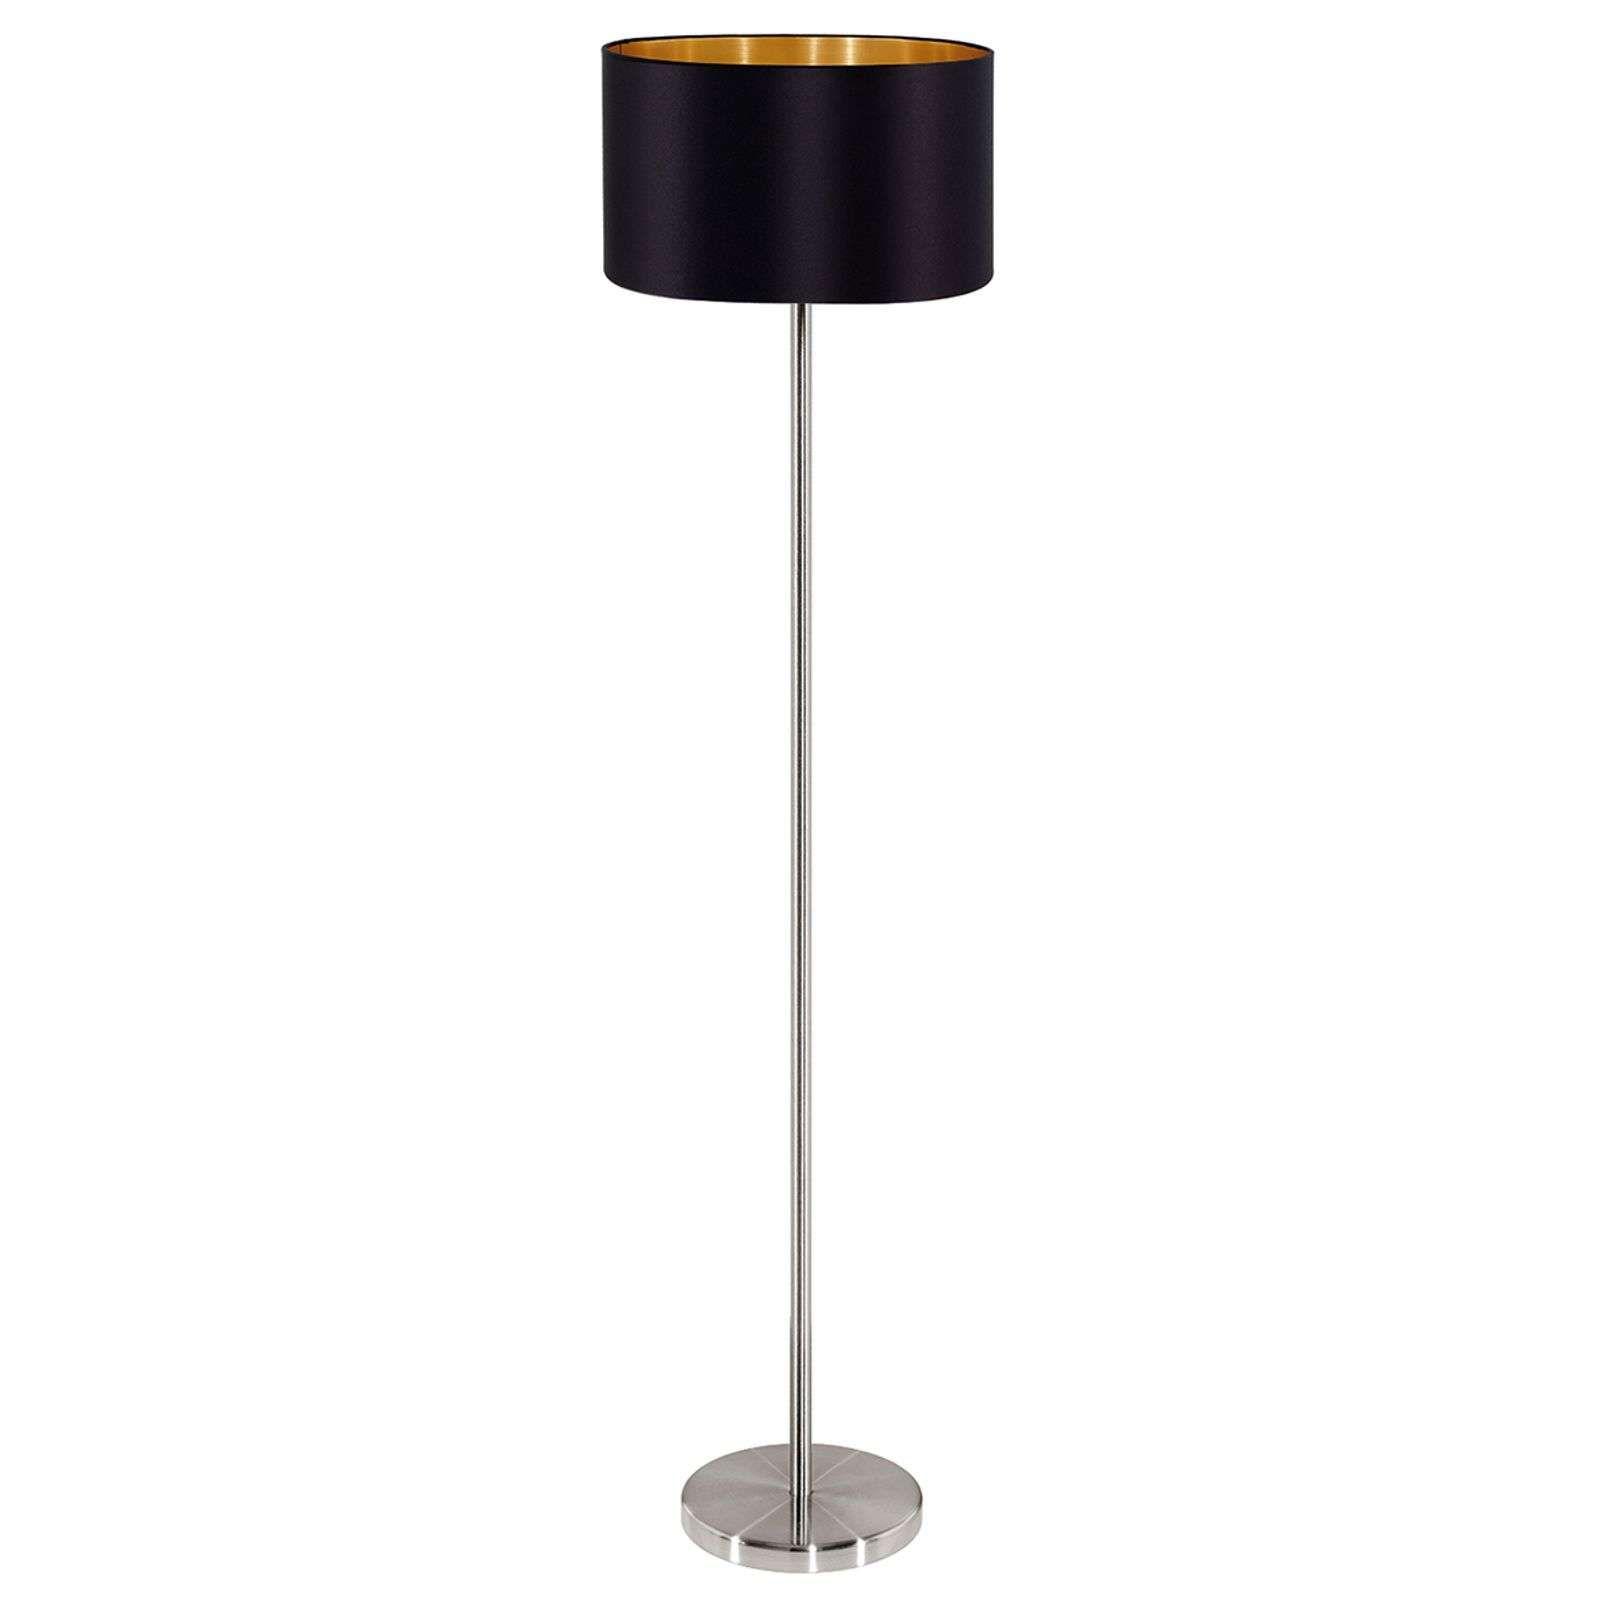 Moderne Stehlampe Maserlo Von Eglo Schwarz Moderne Stehlampen